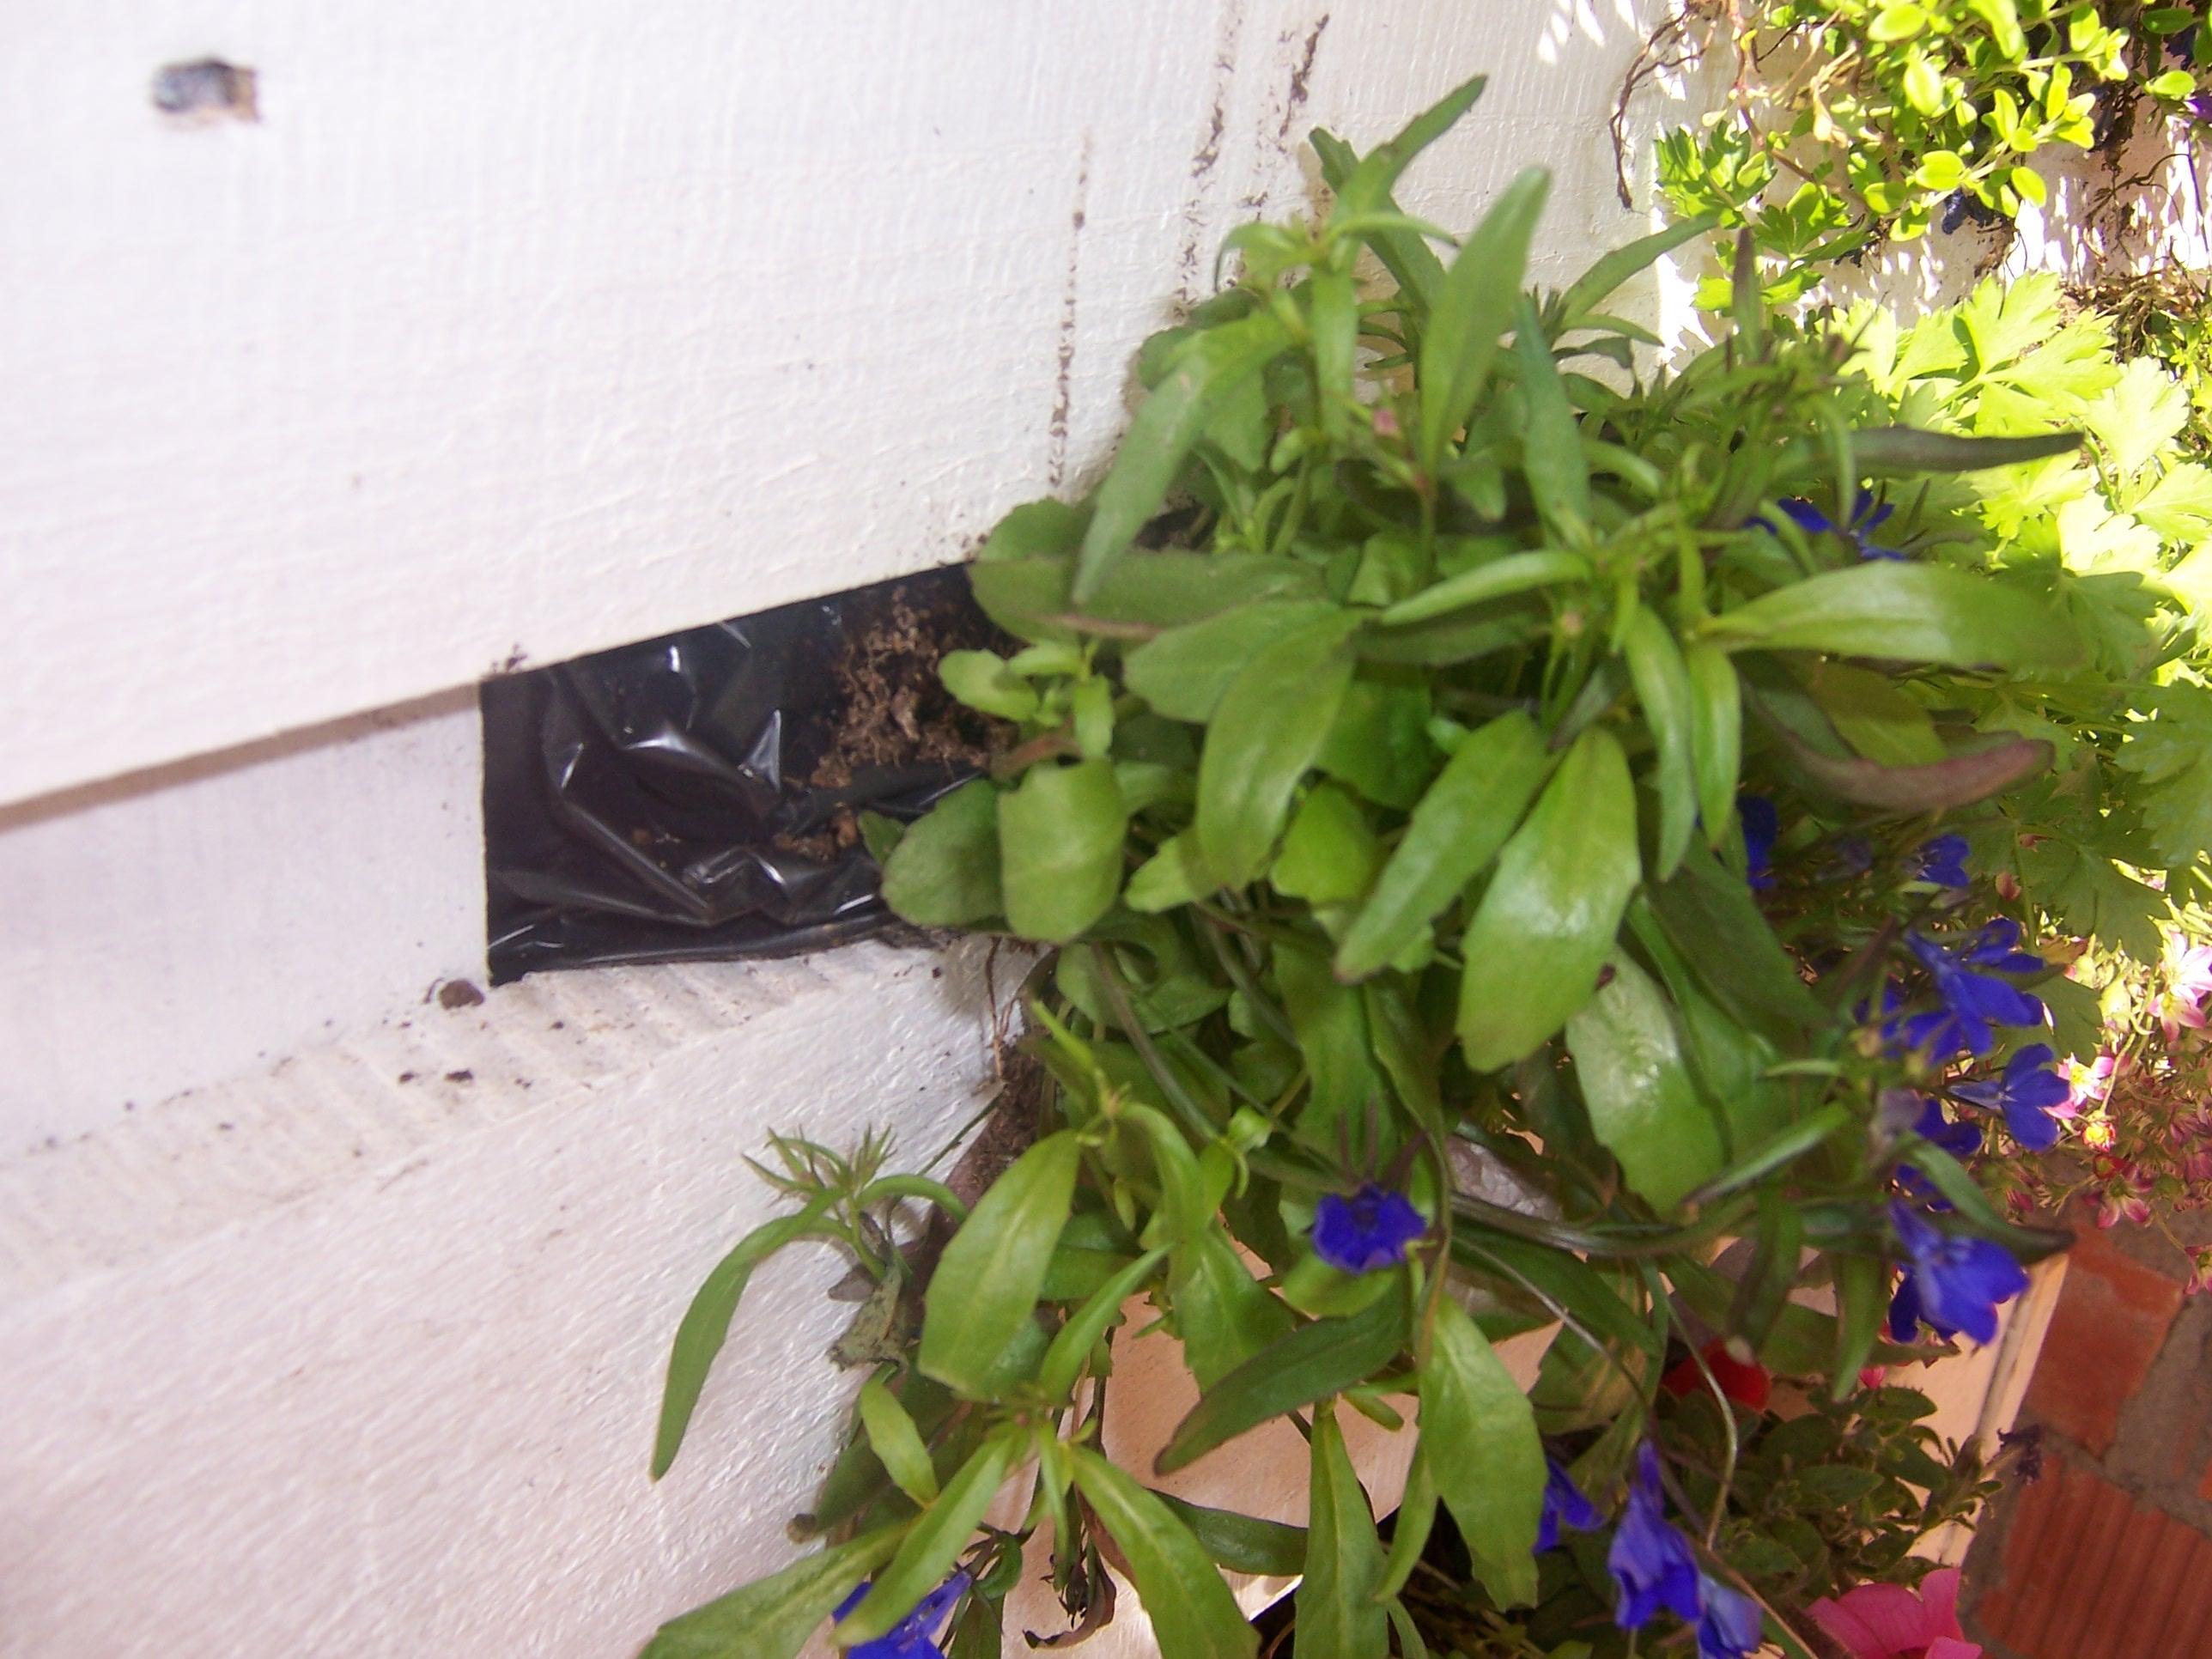 Vivere all aperto fondazionecpm - Sacchi di terra per giardino ...